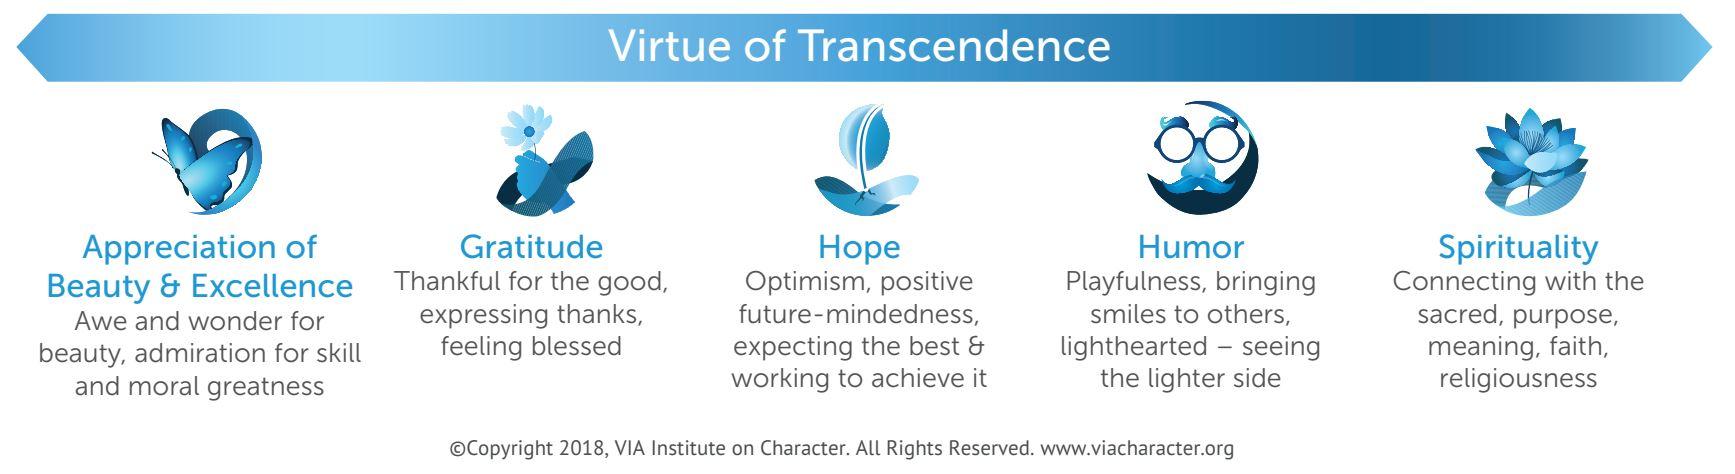 VIA Character Strengths - Transcendence